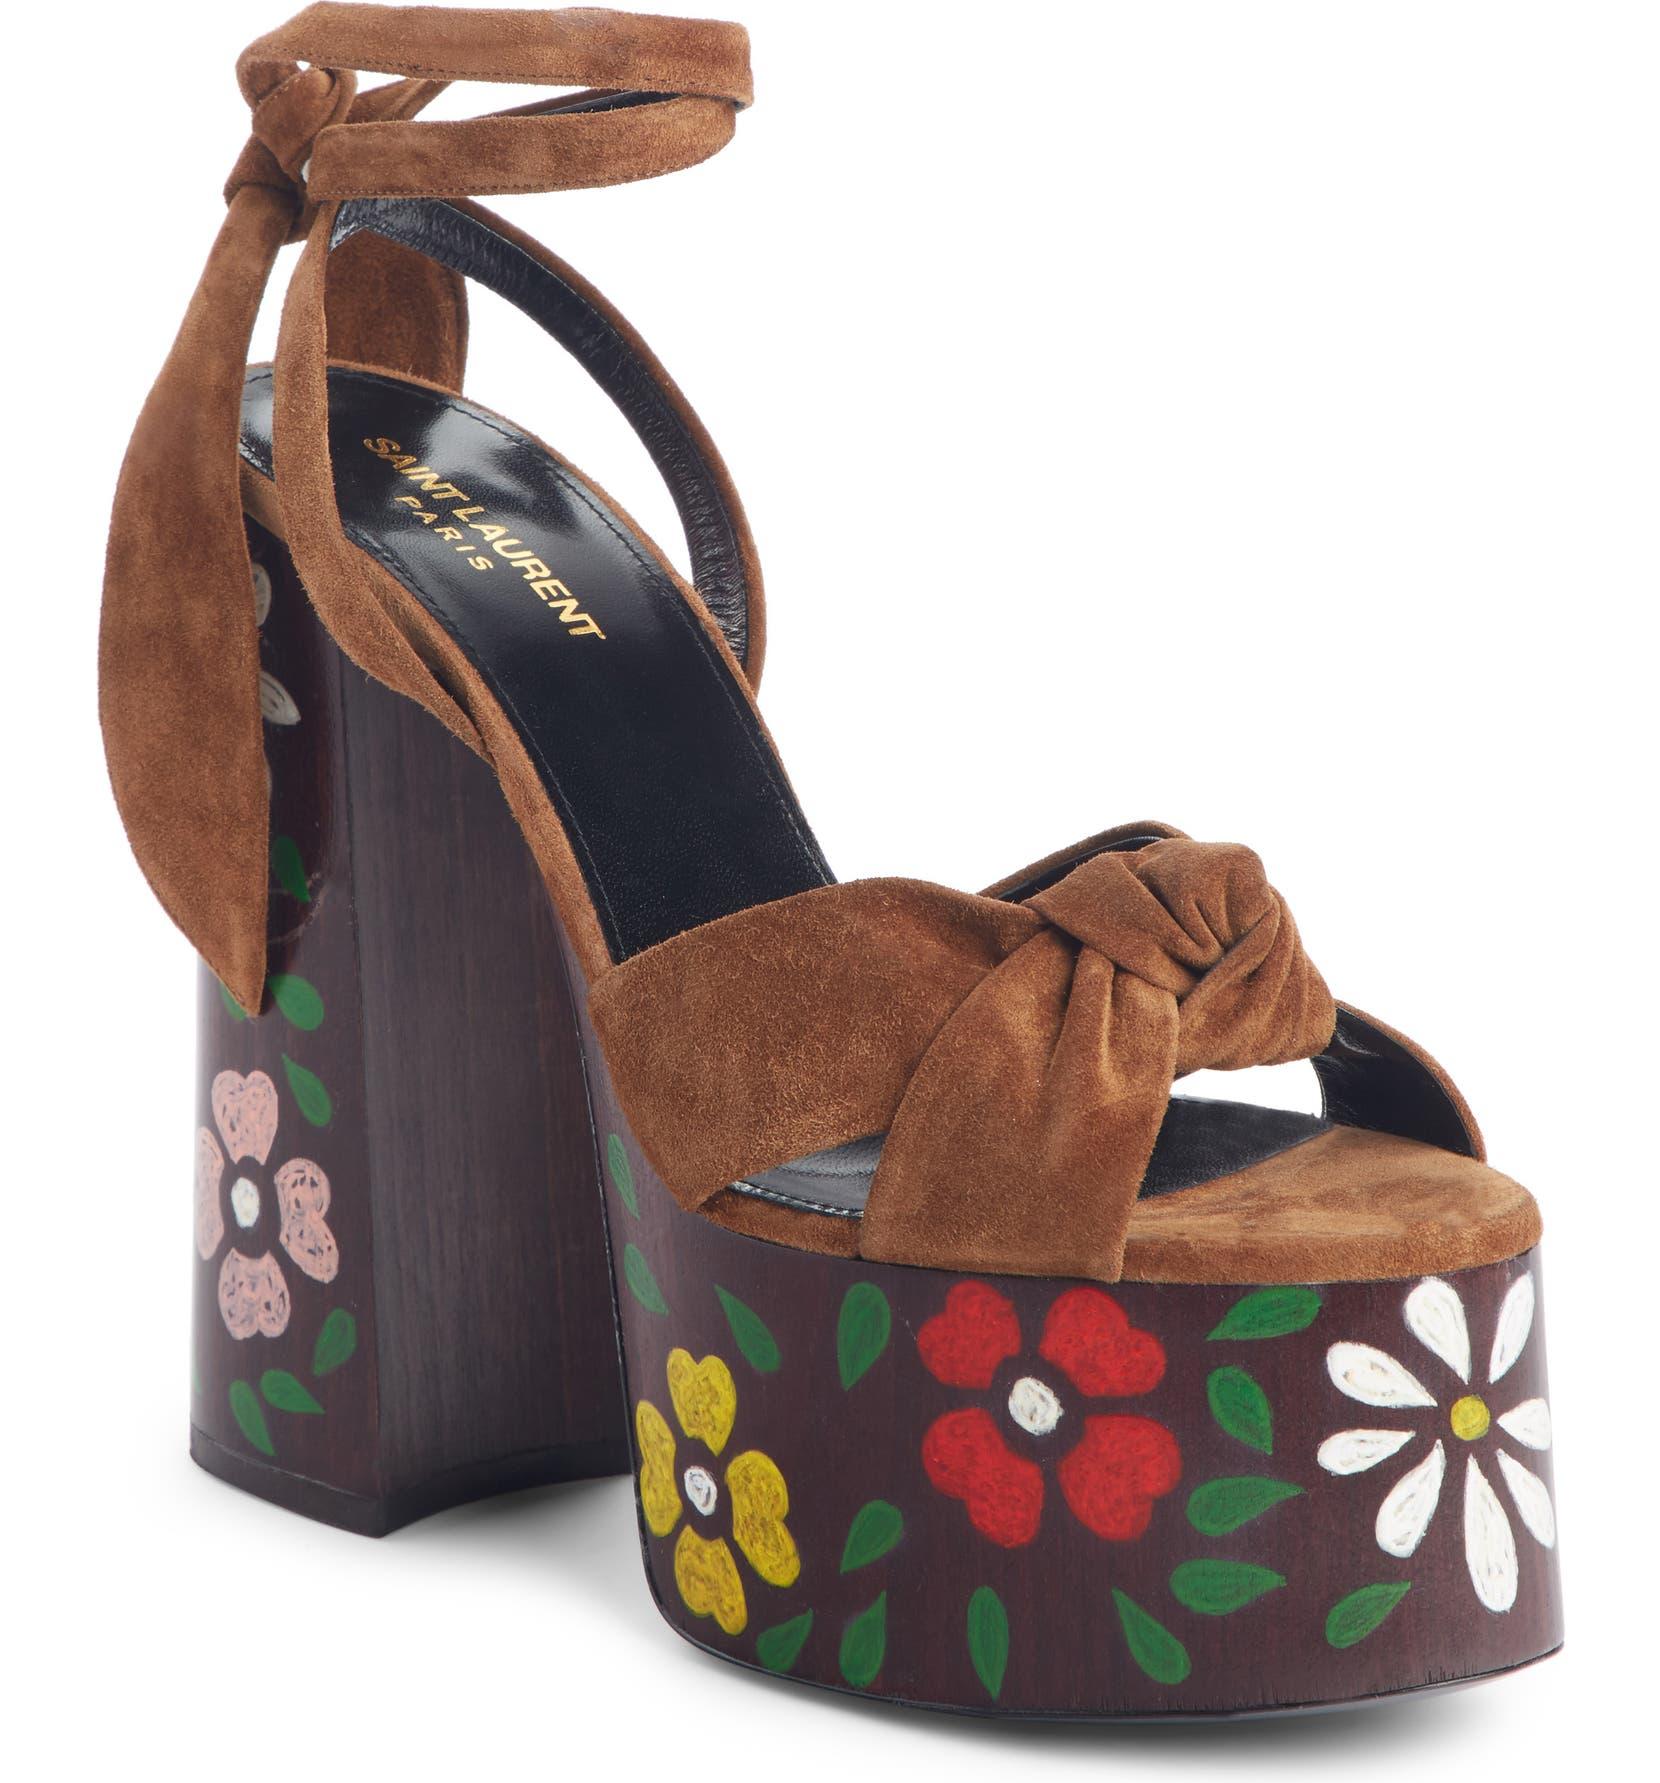 6523c2c0ab86 Saint Laurent Paige Floral Platform Sandal (Women)